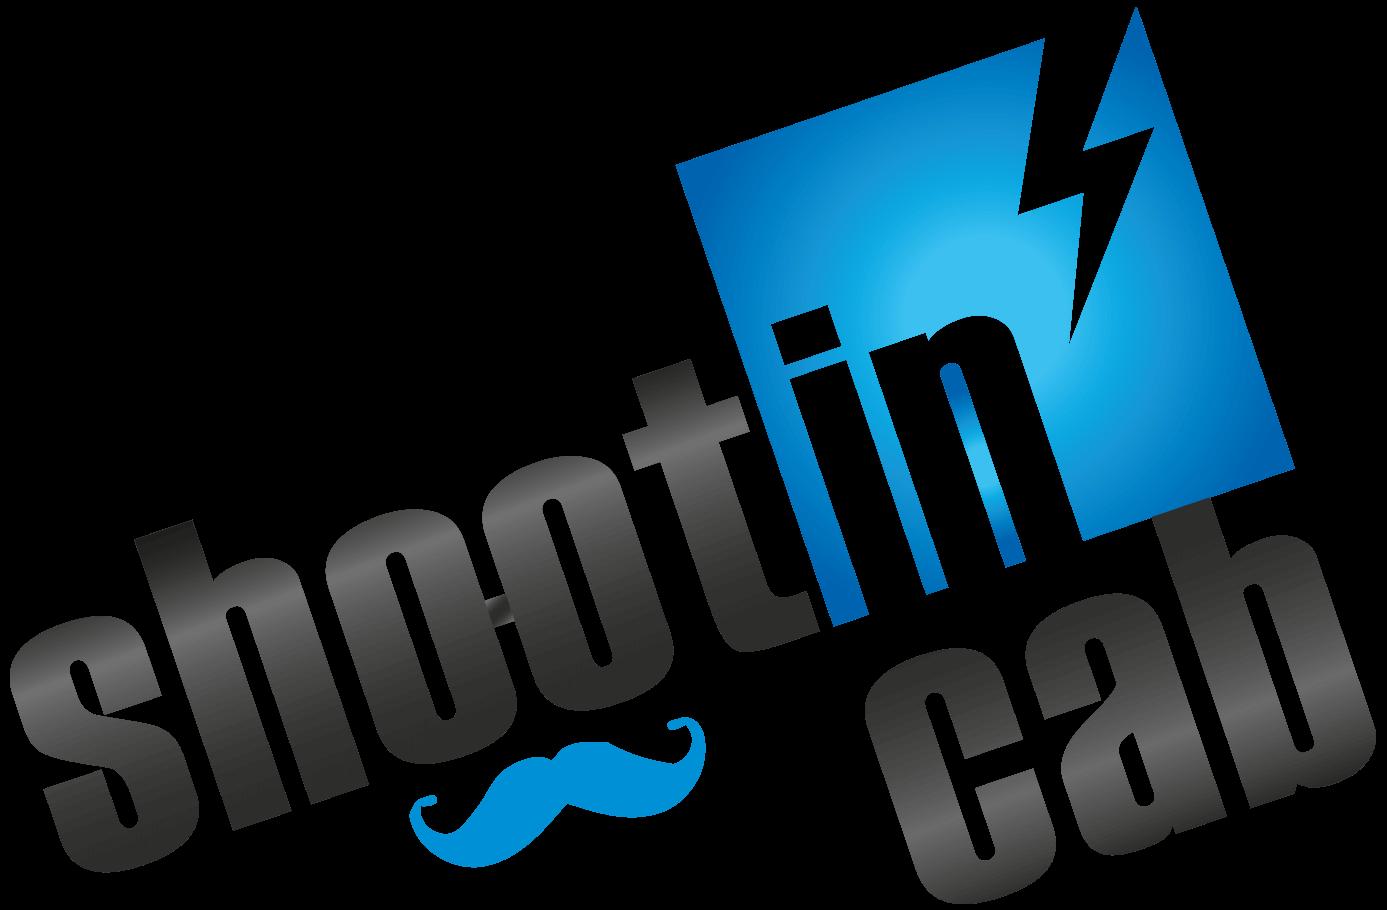 Logo de Shootin Cab